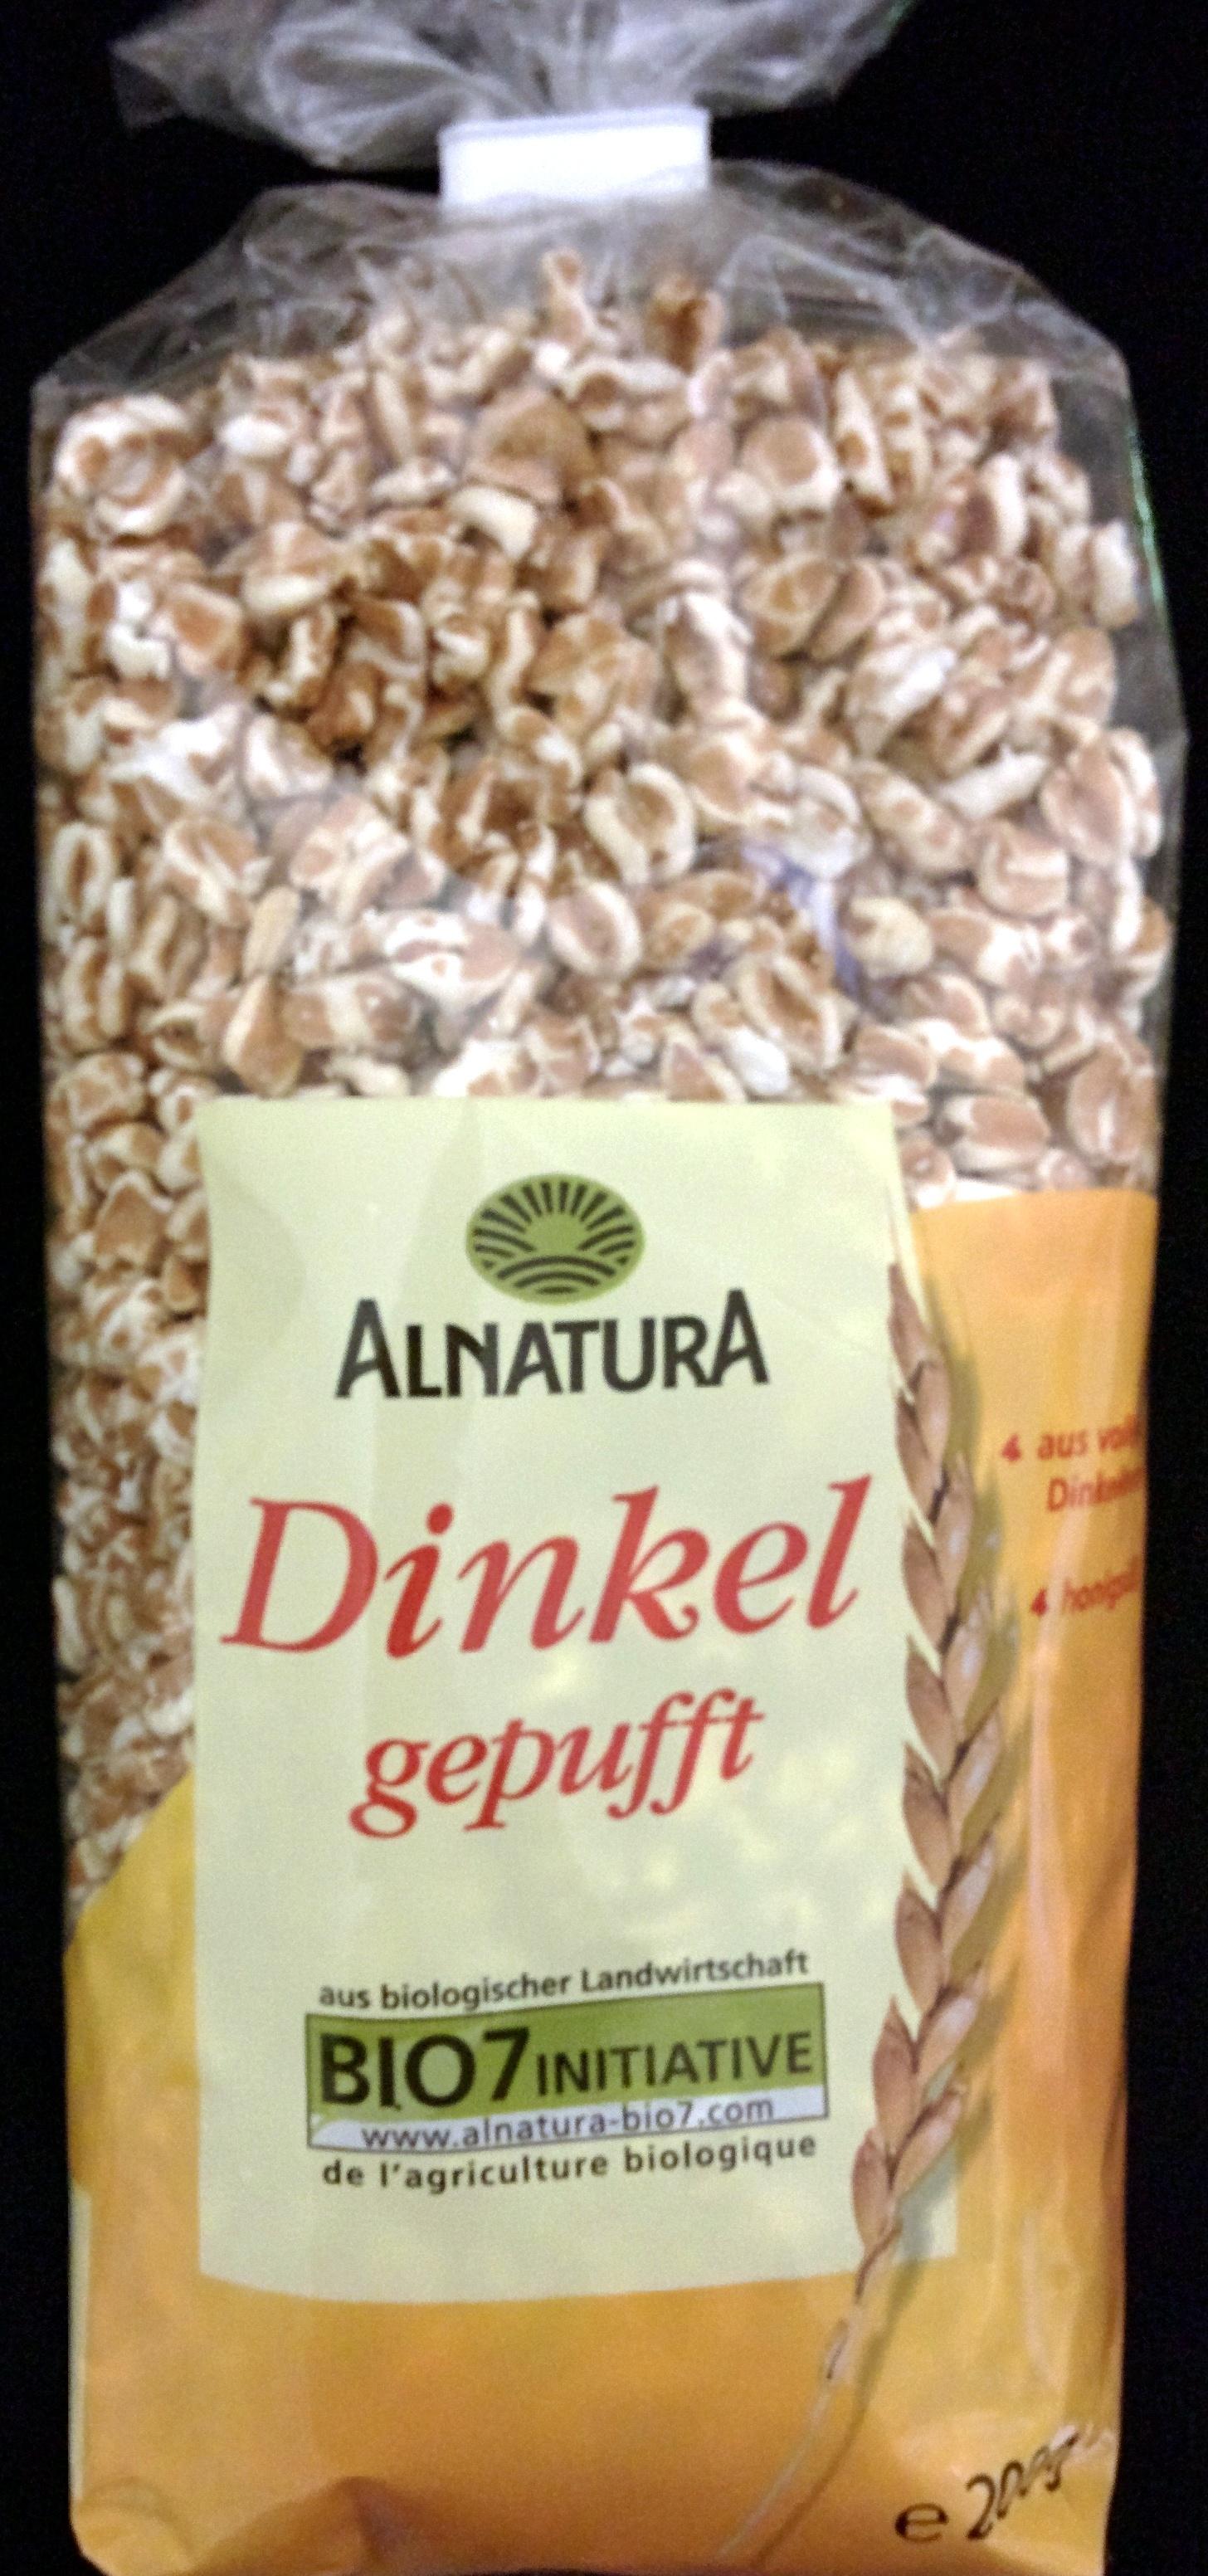 Dinkel gepufft - Product - de